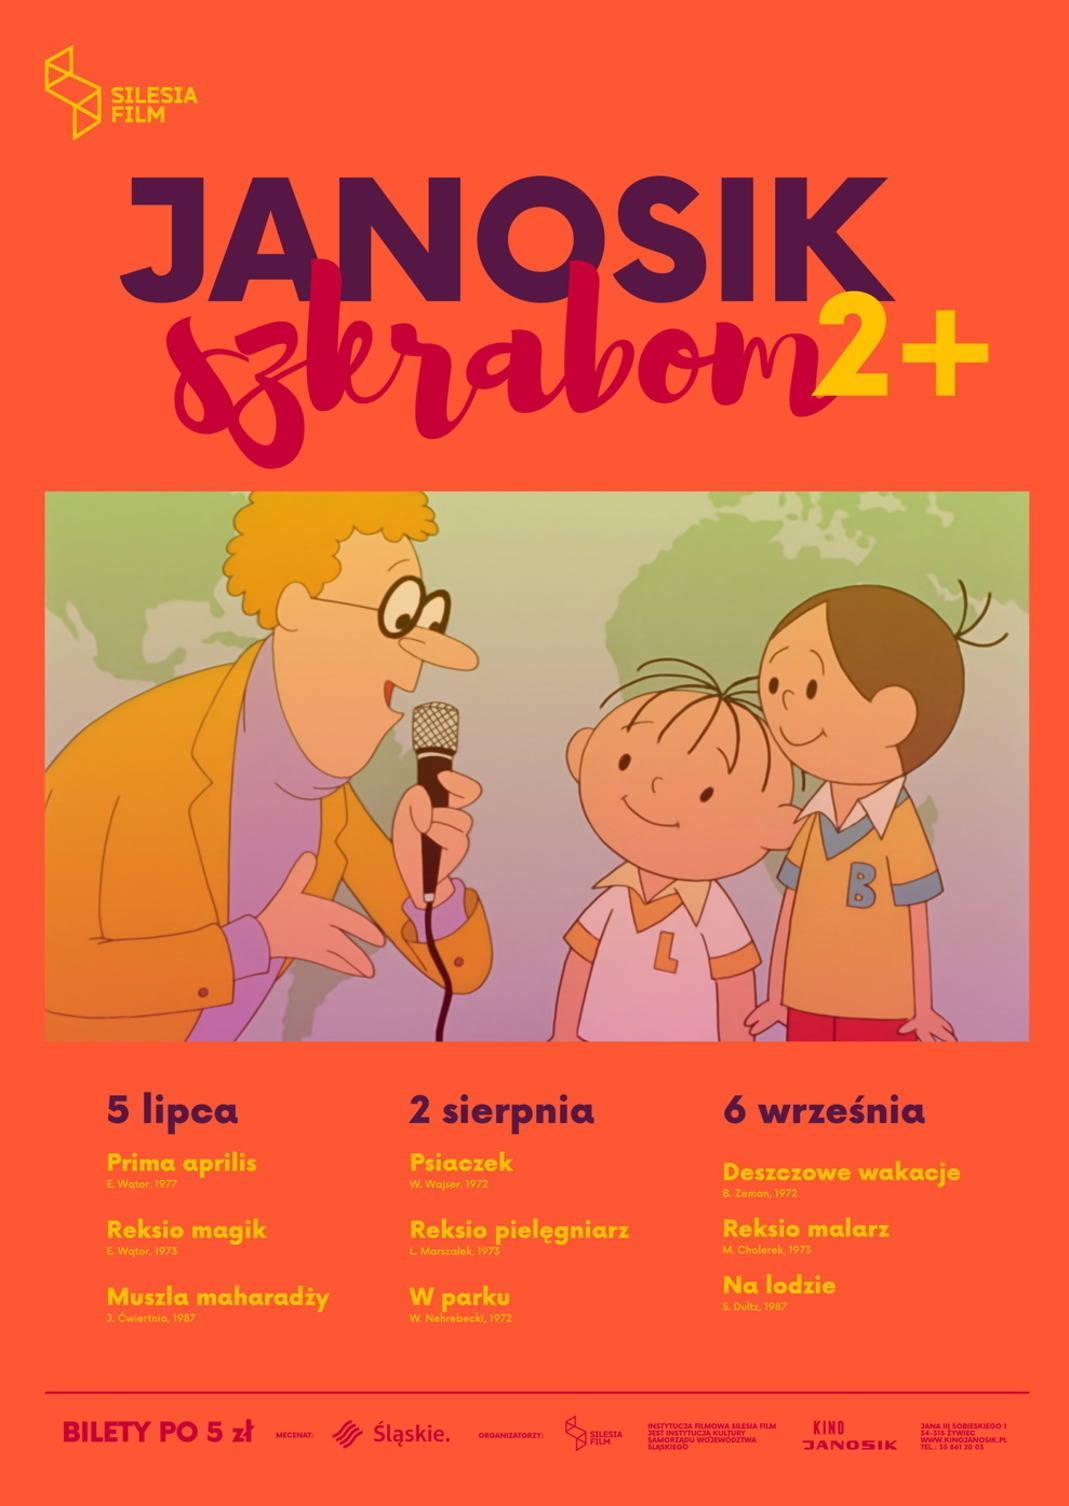 Janosik Szkrabom: Psiaczek, Reksio pielęgniarz, W parku